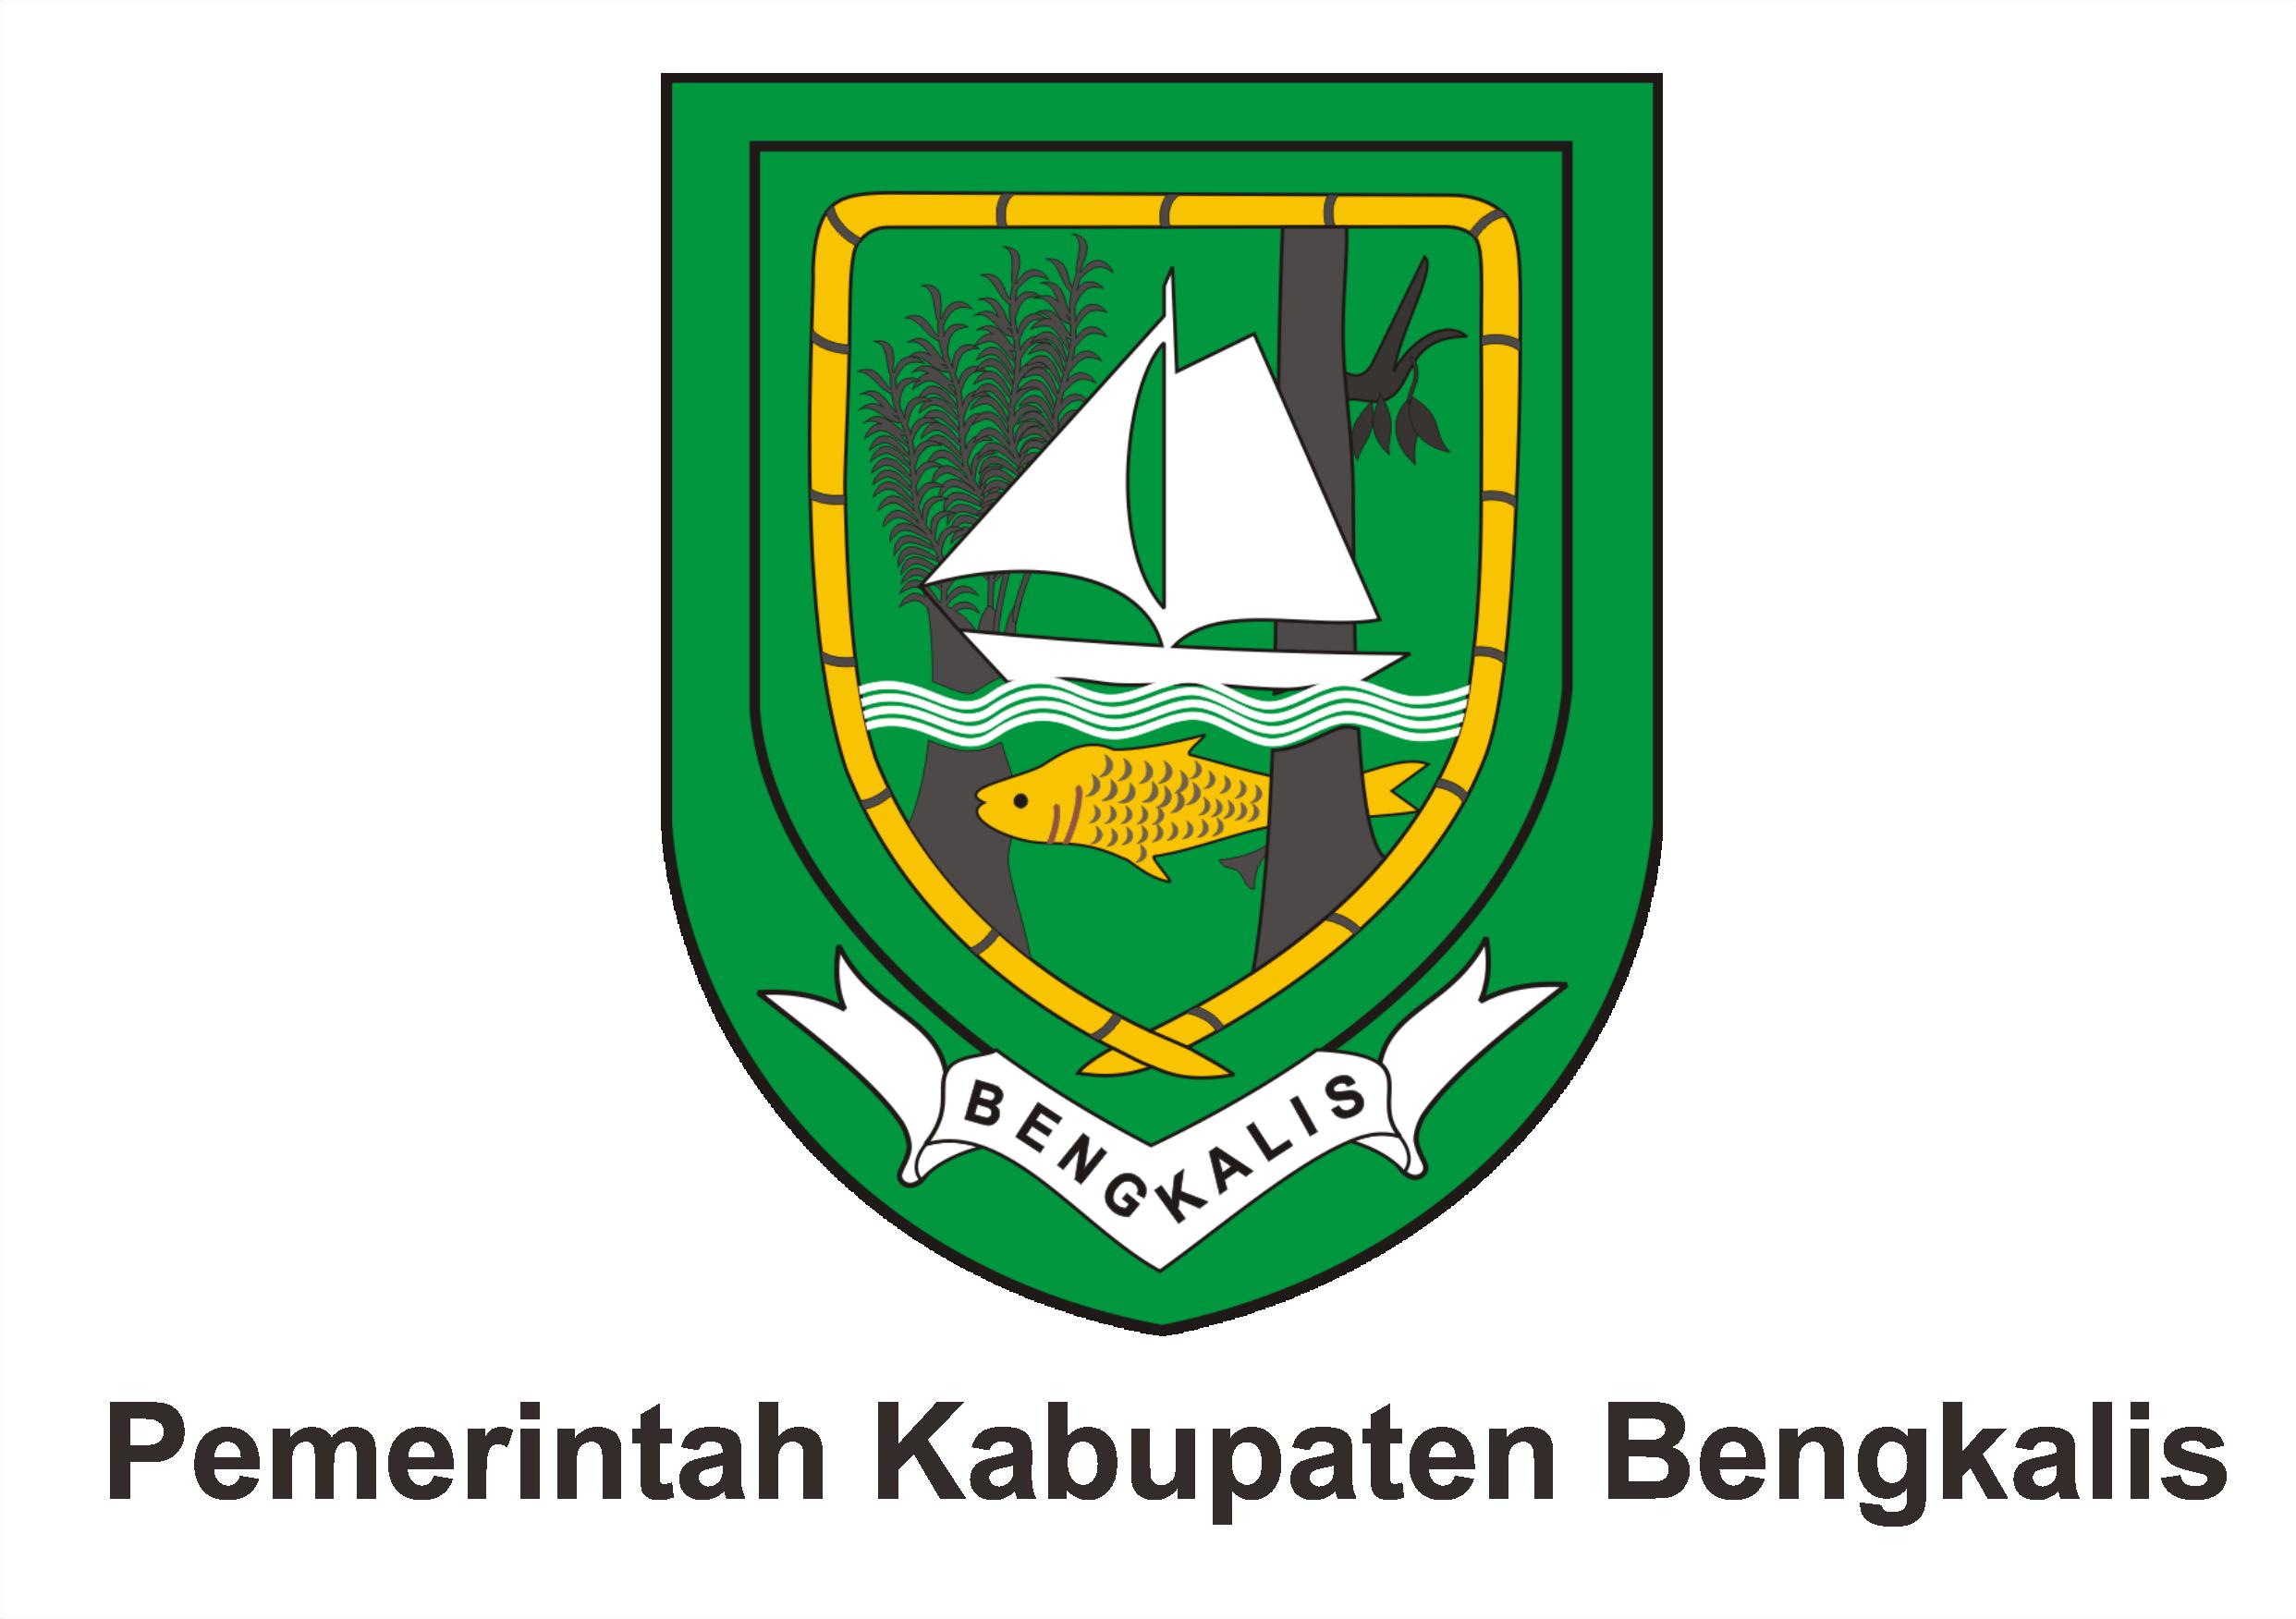 Pemerintah Kabupaten Bengkalis